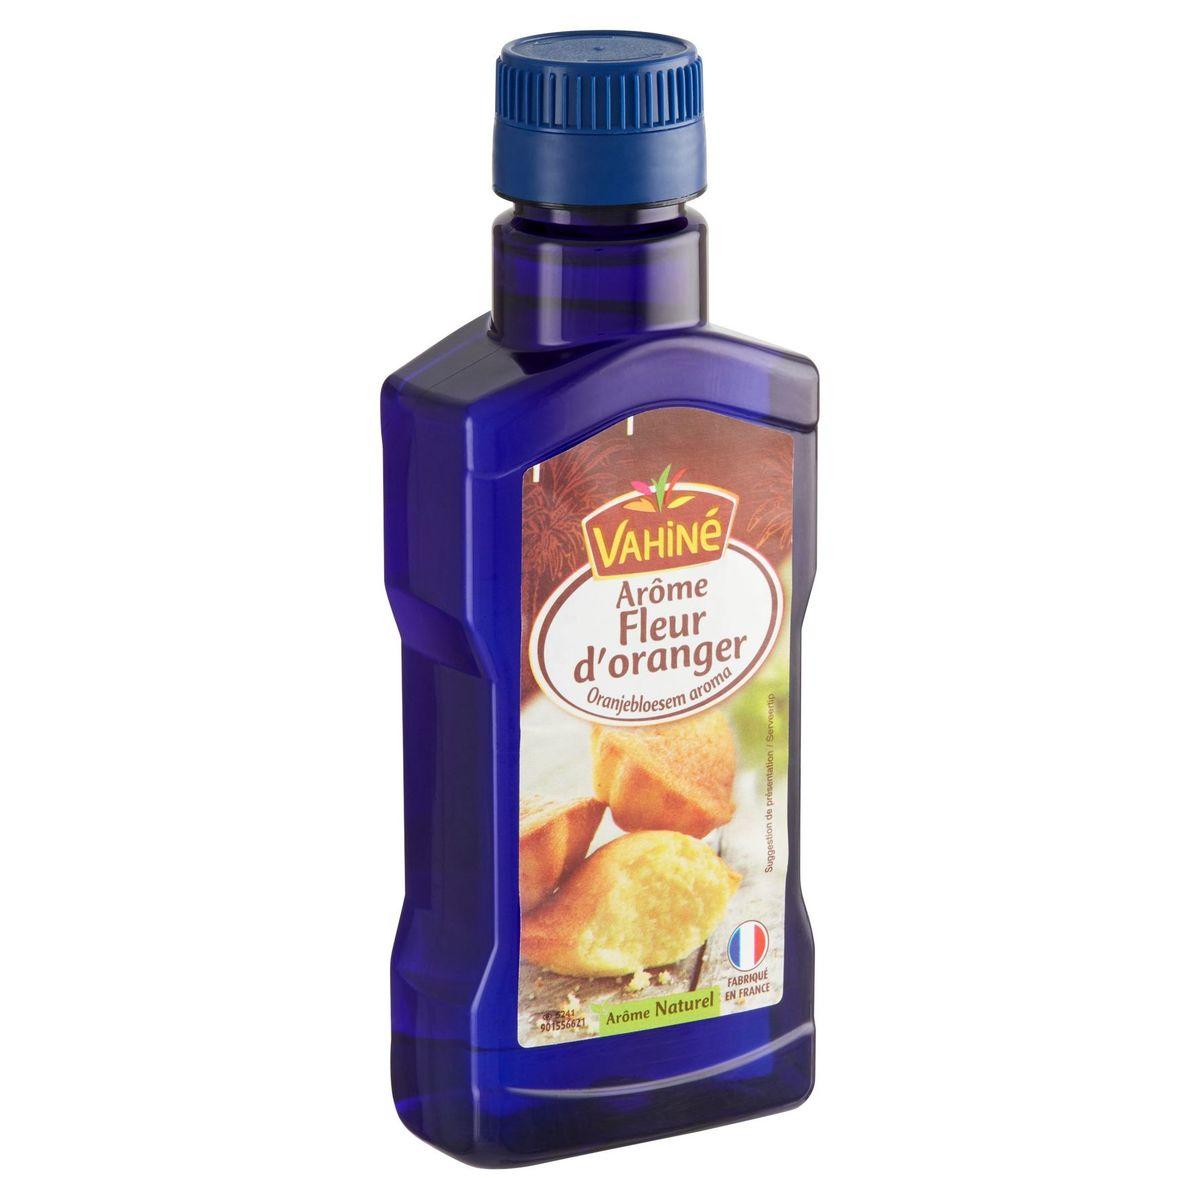 Vahiné Arôme Fleur d'Oranger 200 ml